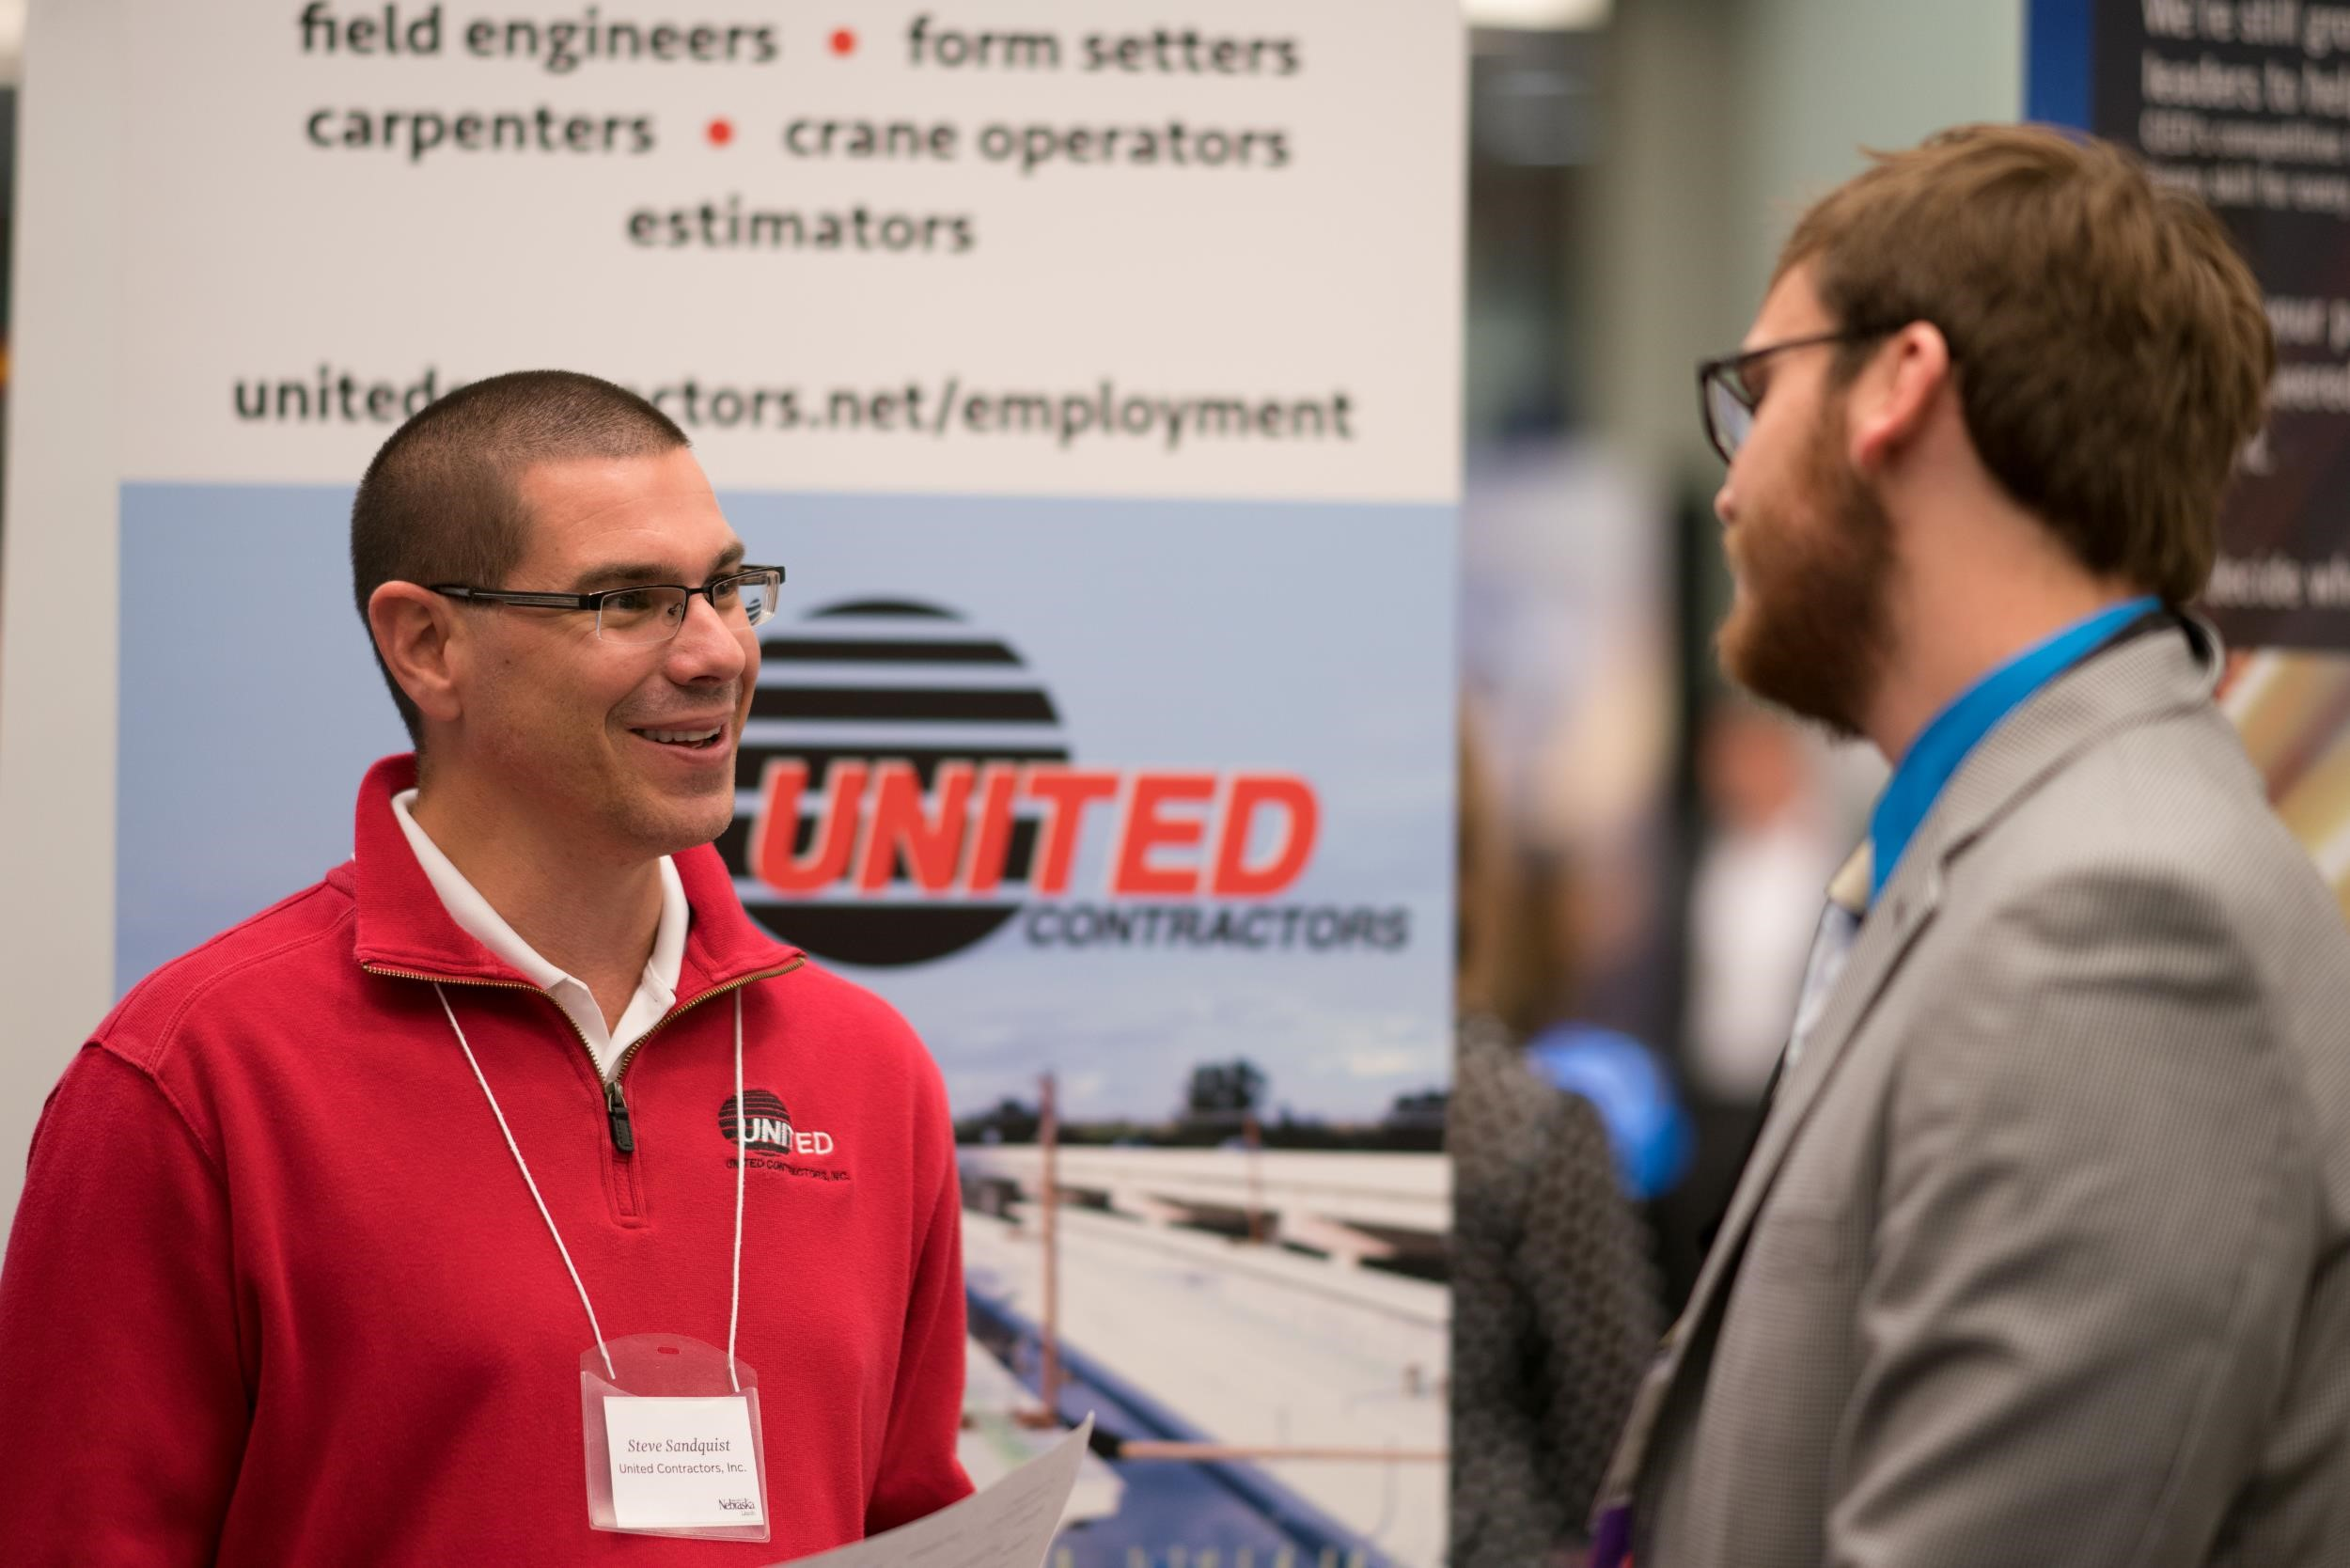 Scott Campus Career Services